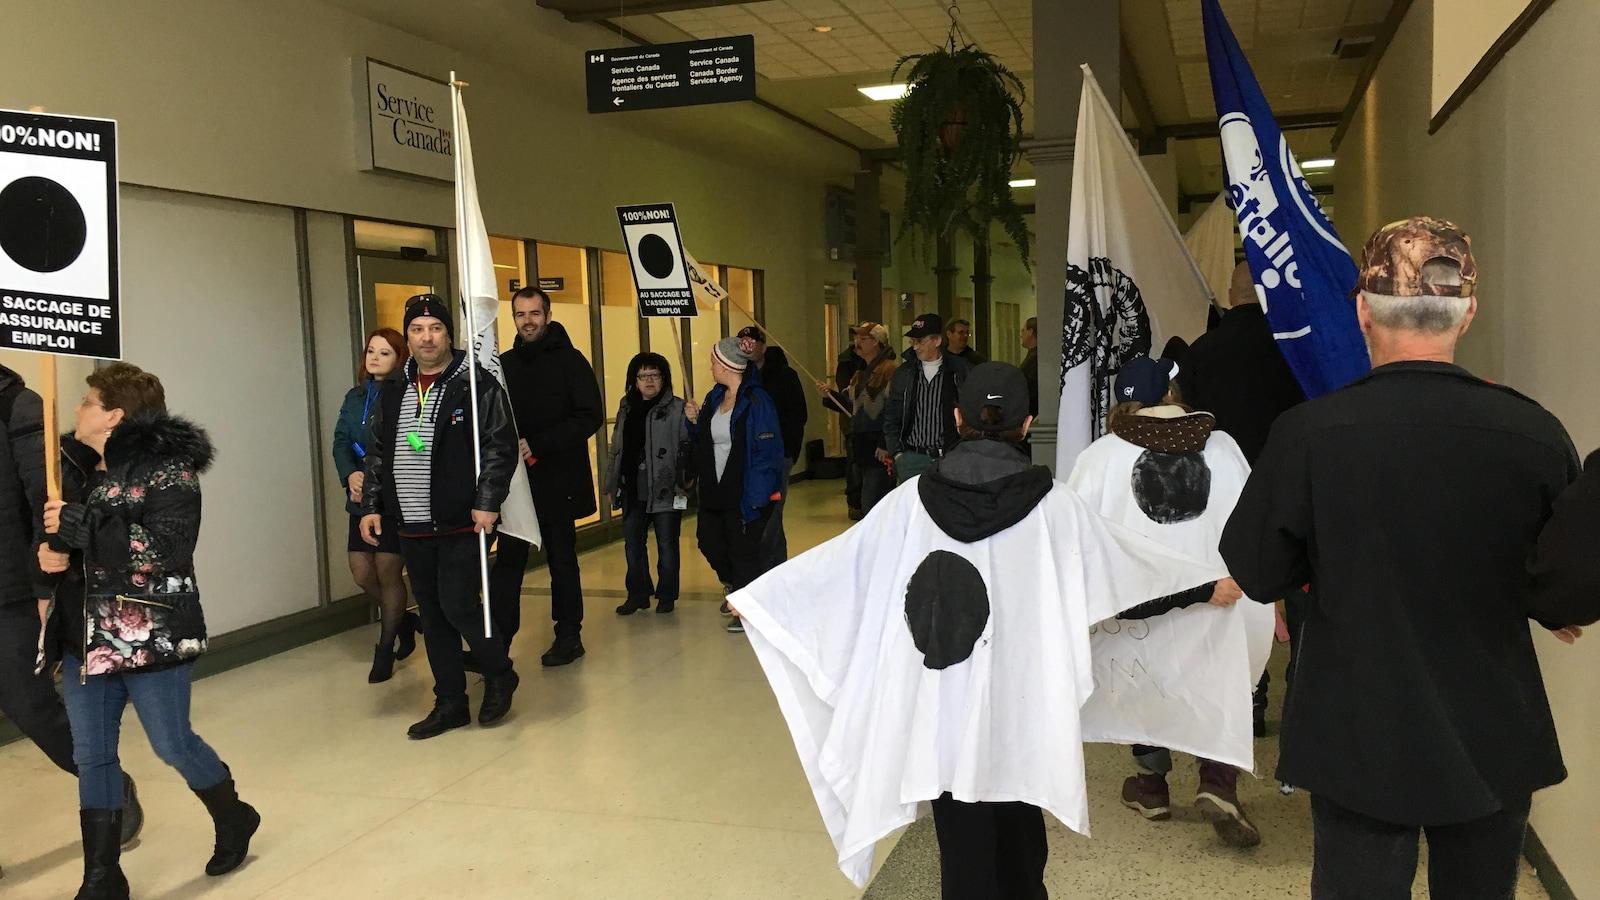 Des manifestants devant les bureaux de Services Canada à Baie-Comeau dans un centre commercial